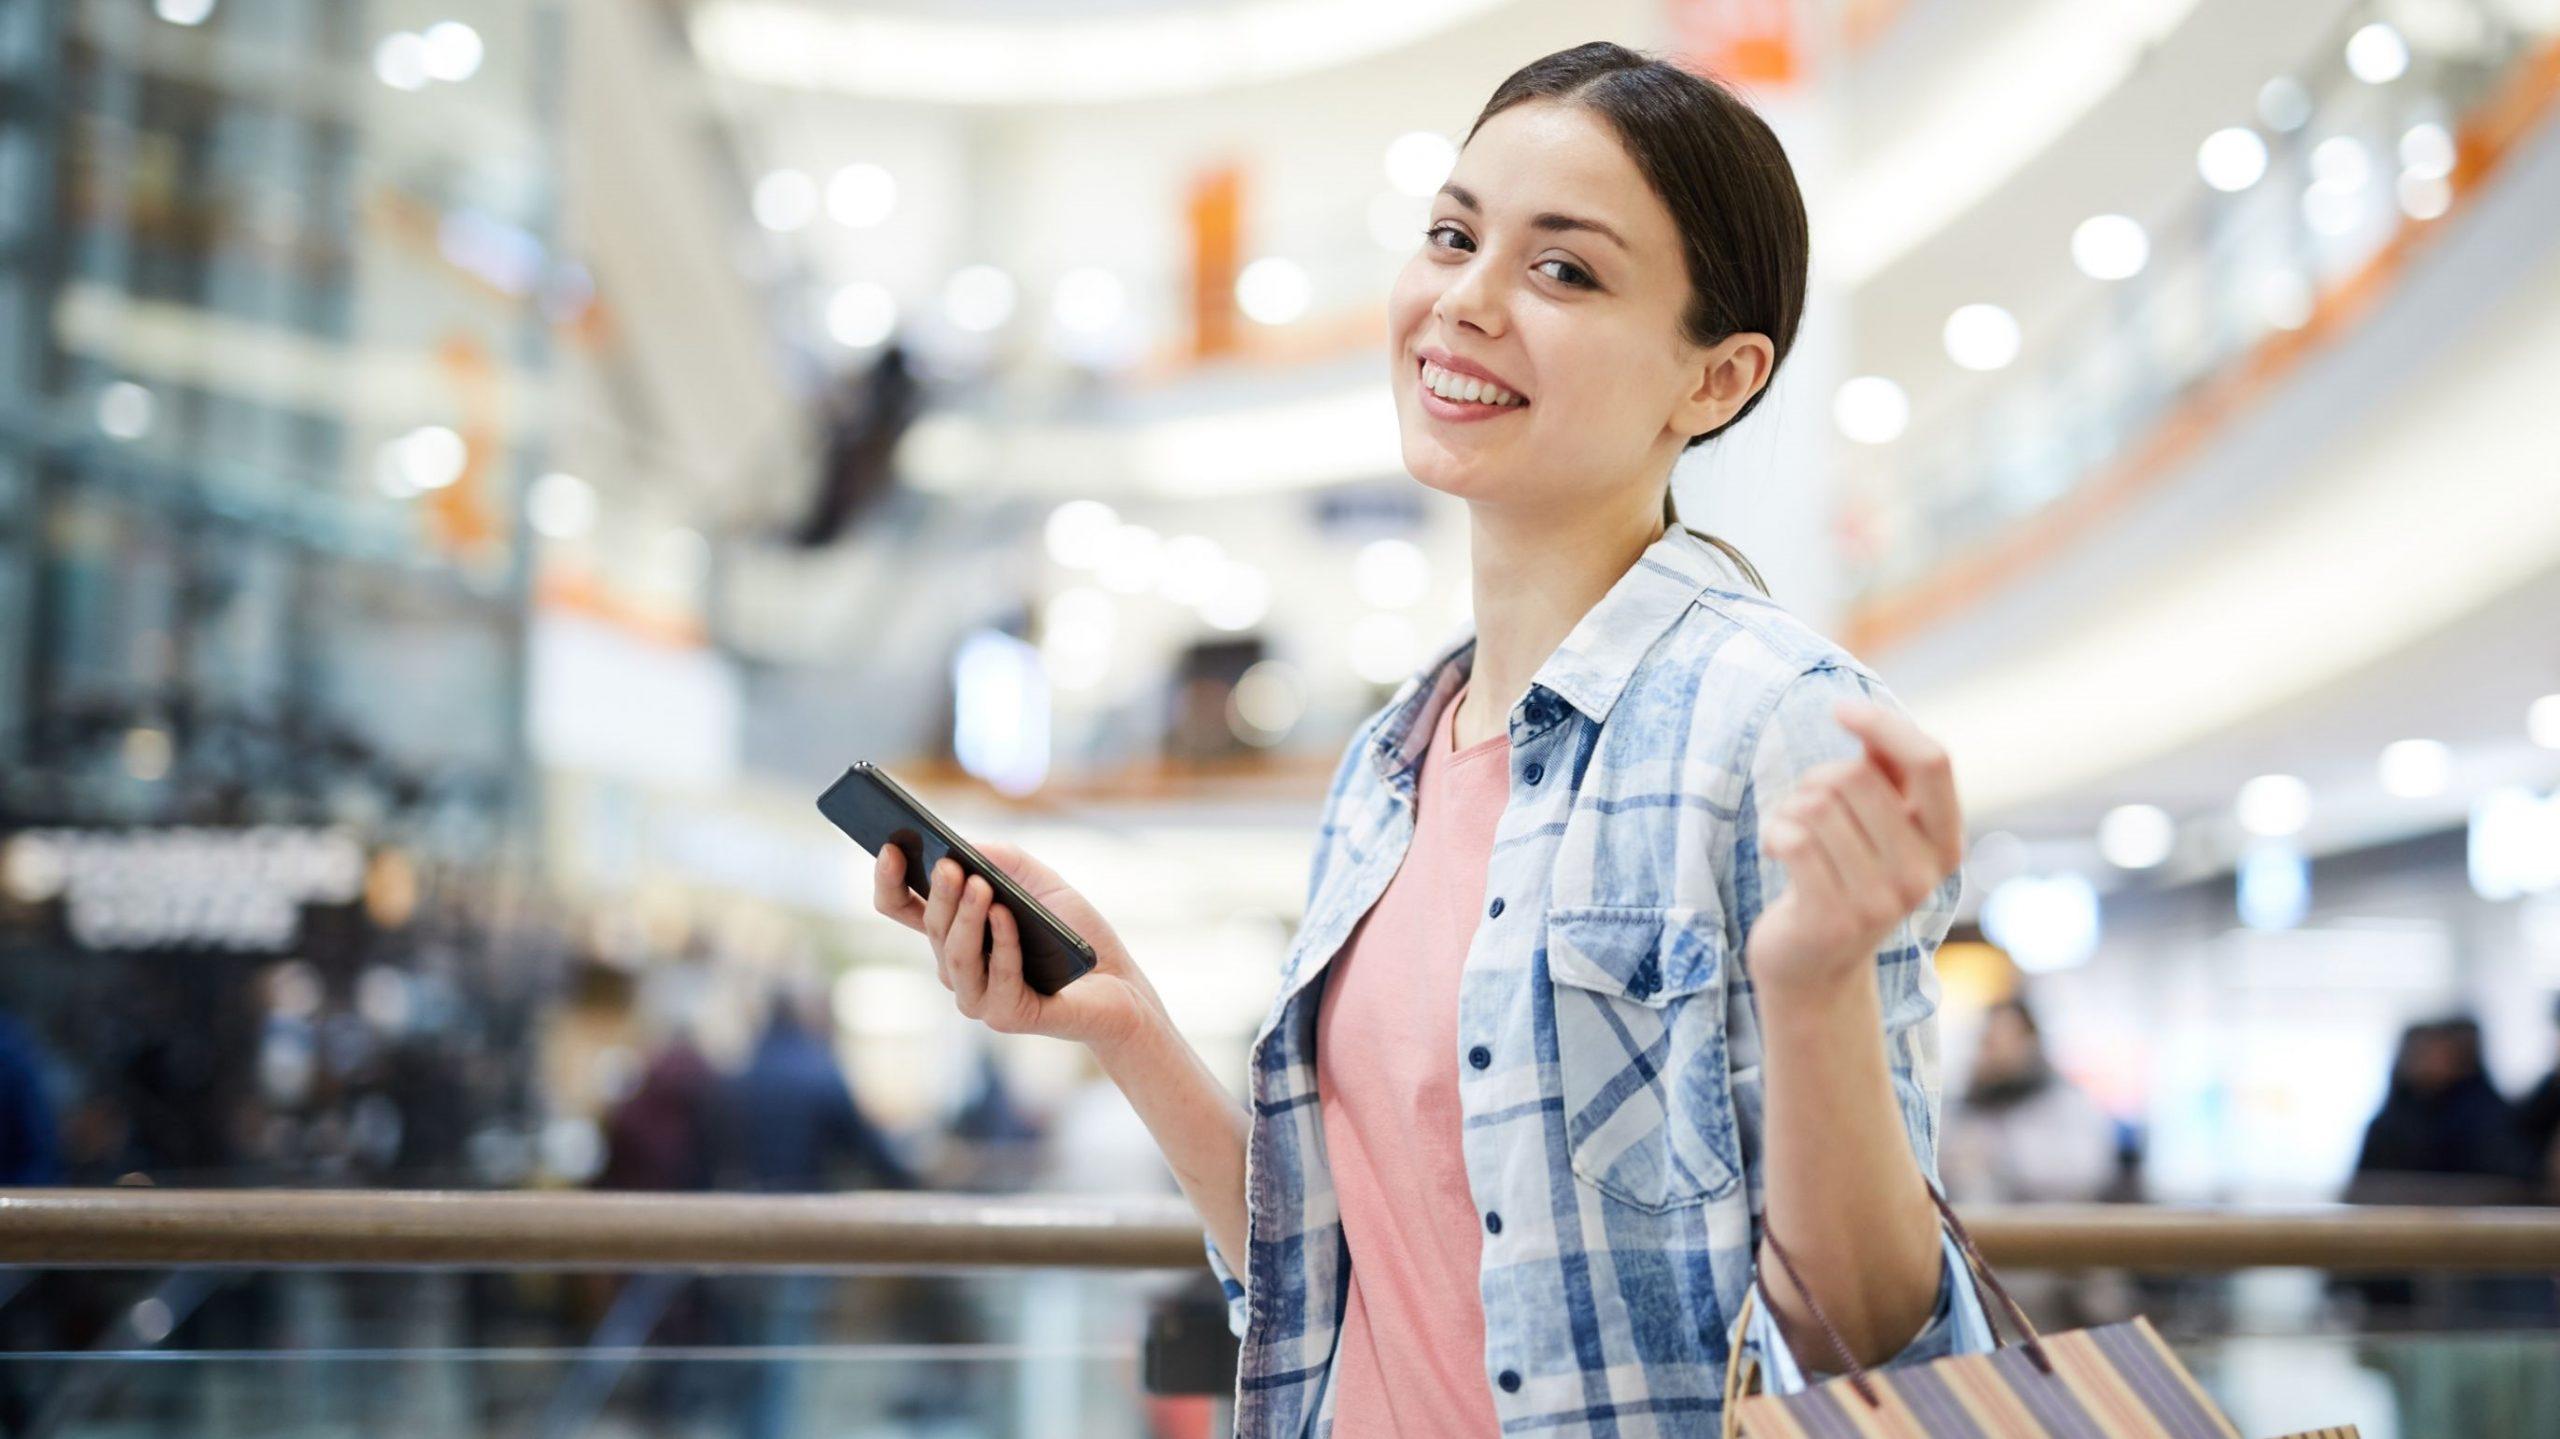 młoda uśmiechająca się kobieta z torbami na zakupy